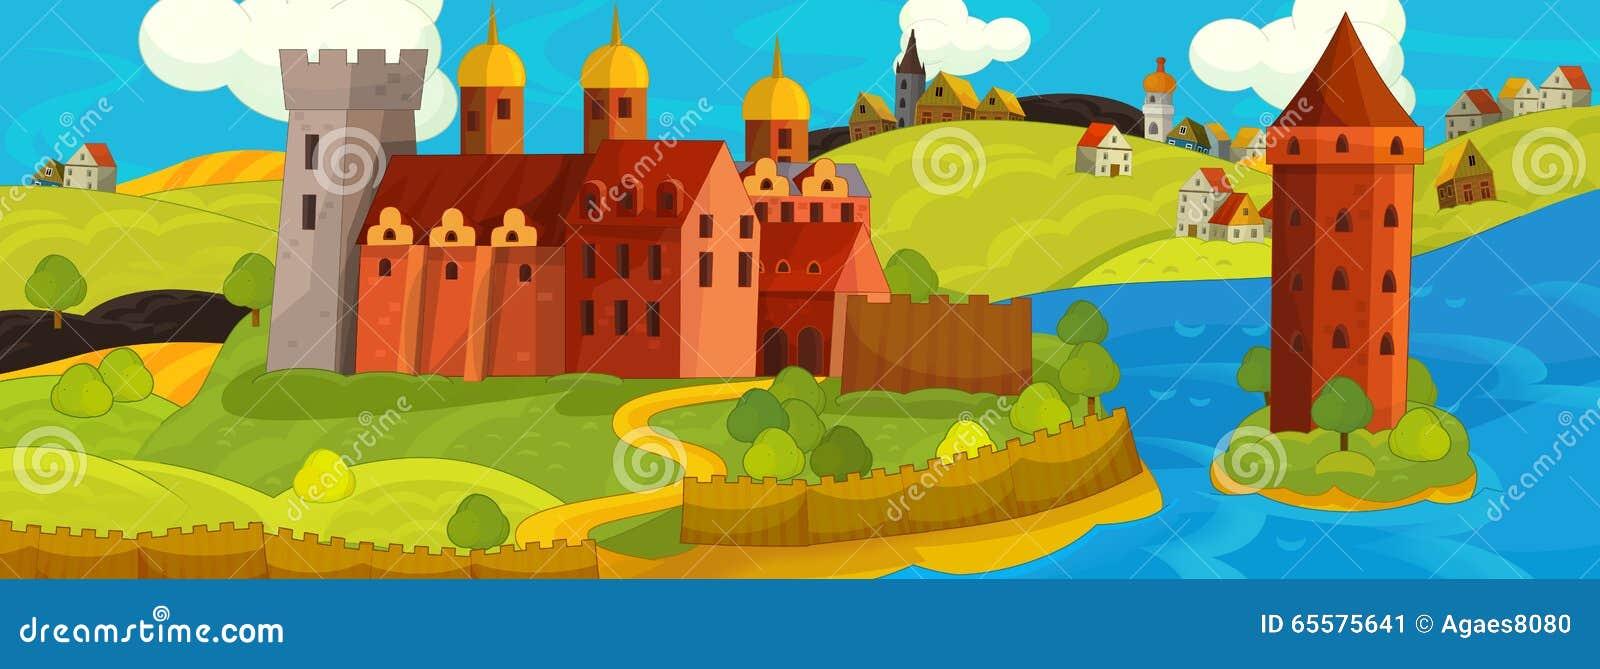 Cena medieval dos desenhos animados - imagem para contos de fadas diferentes